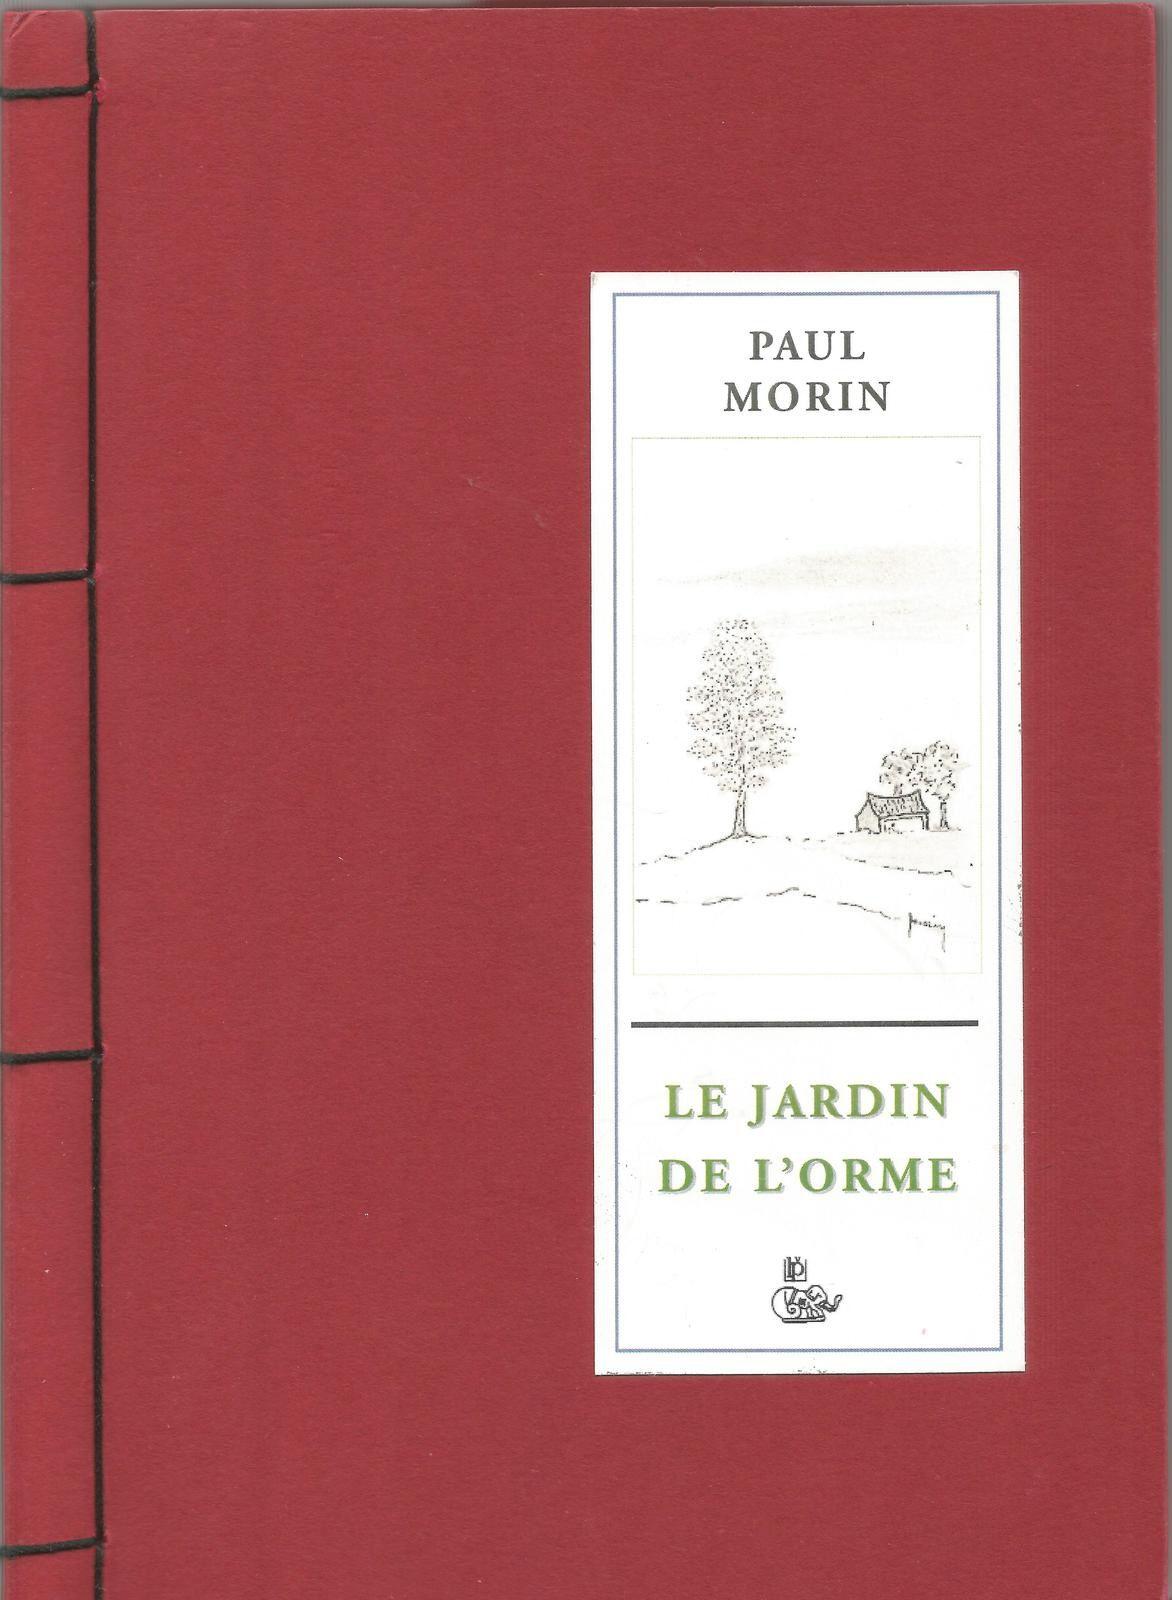 Le jardin de l'orme. Paul Morin. Edition du Petit Véhicule. |DR